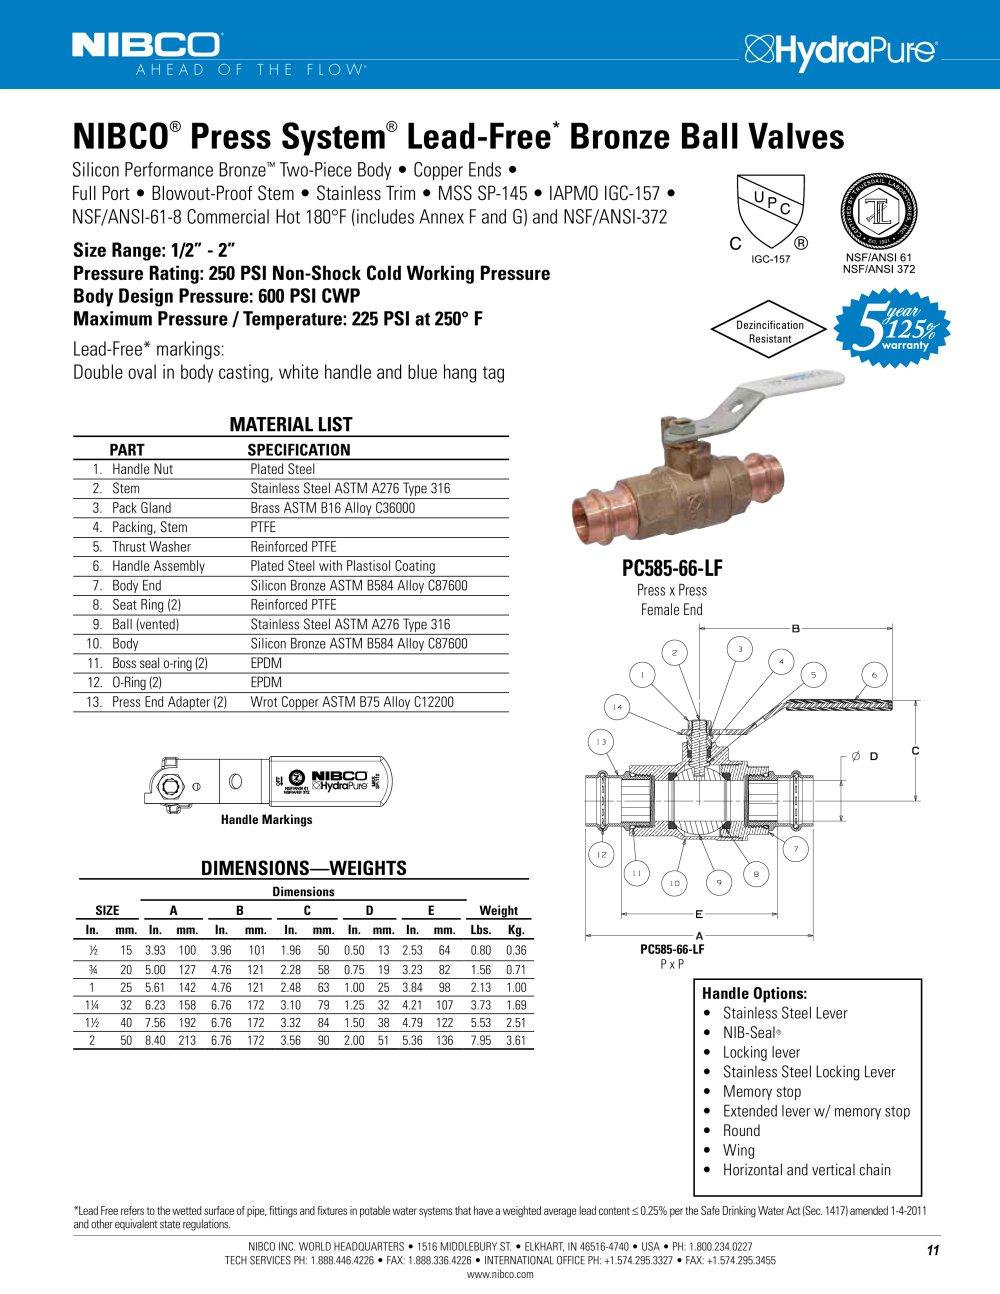 NIBCO GATE VALVES CATALOGUE PDF